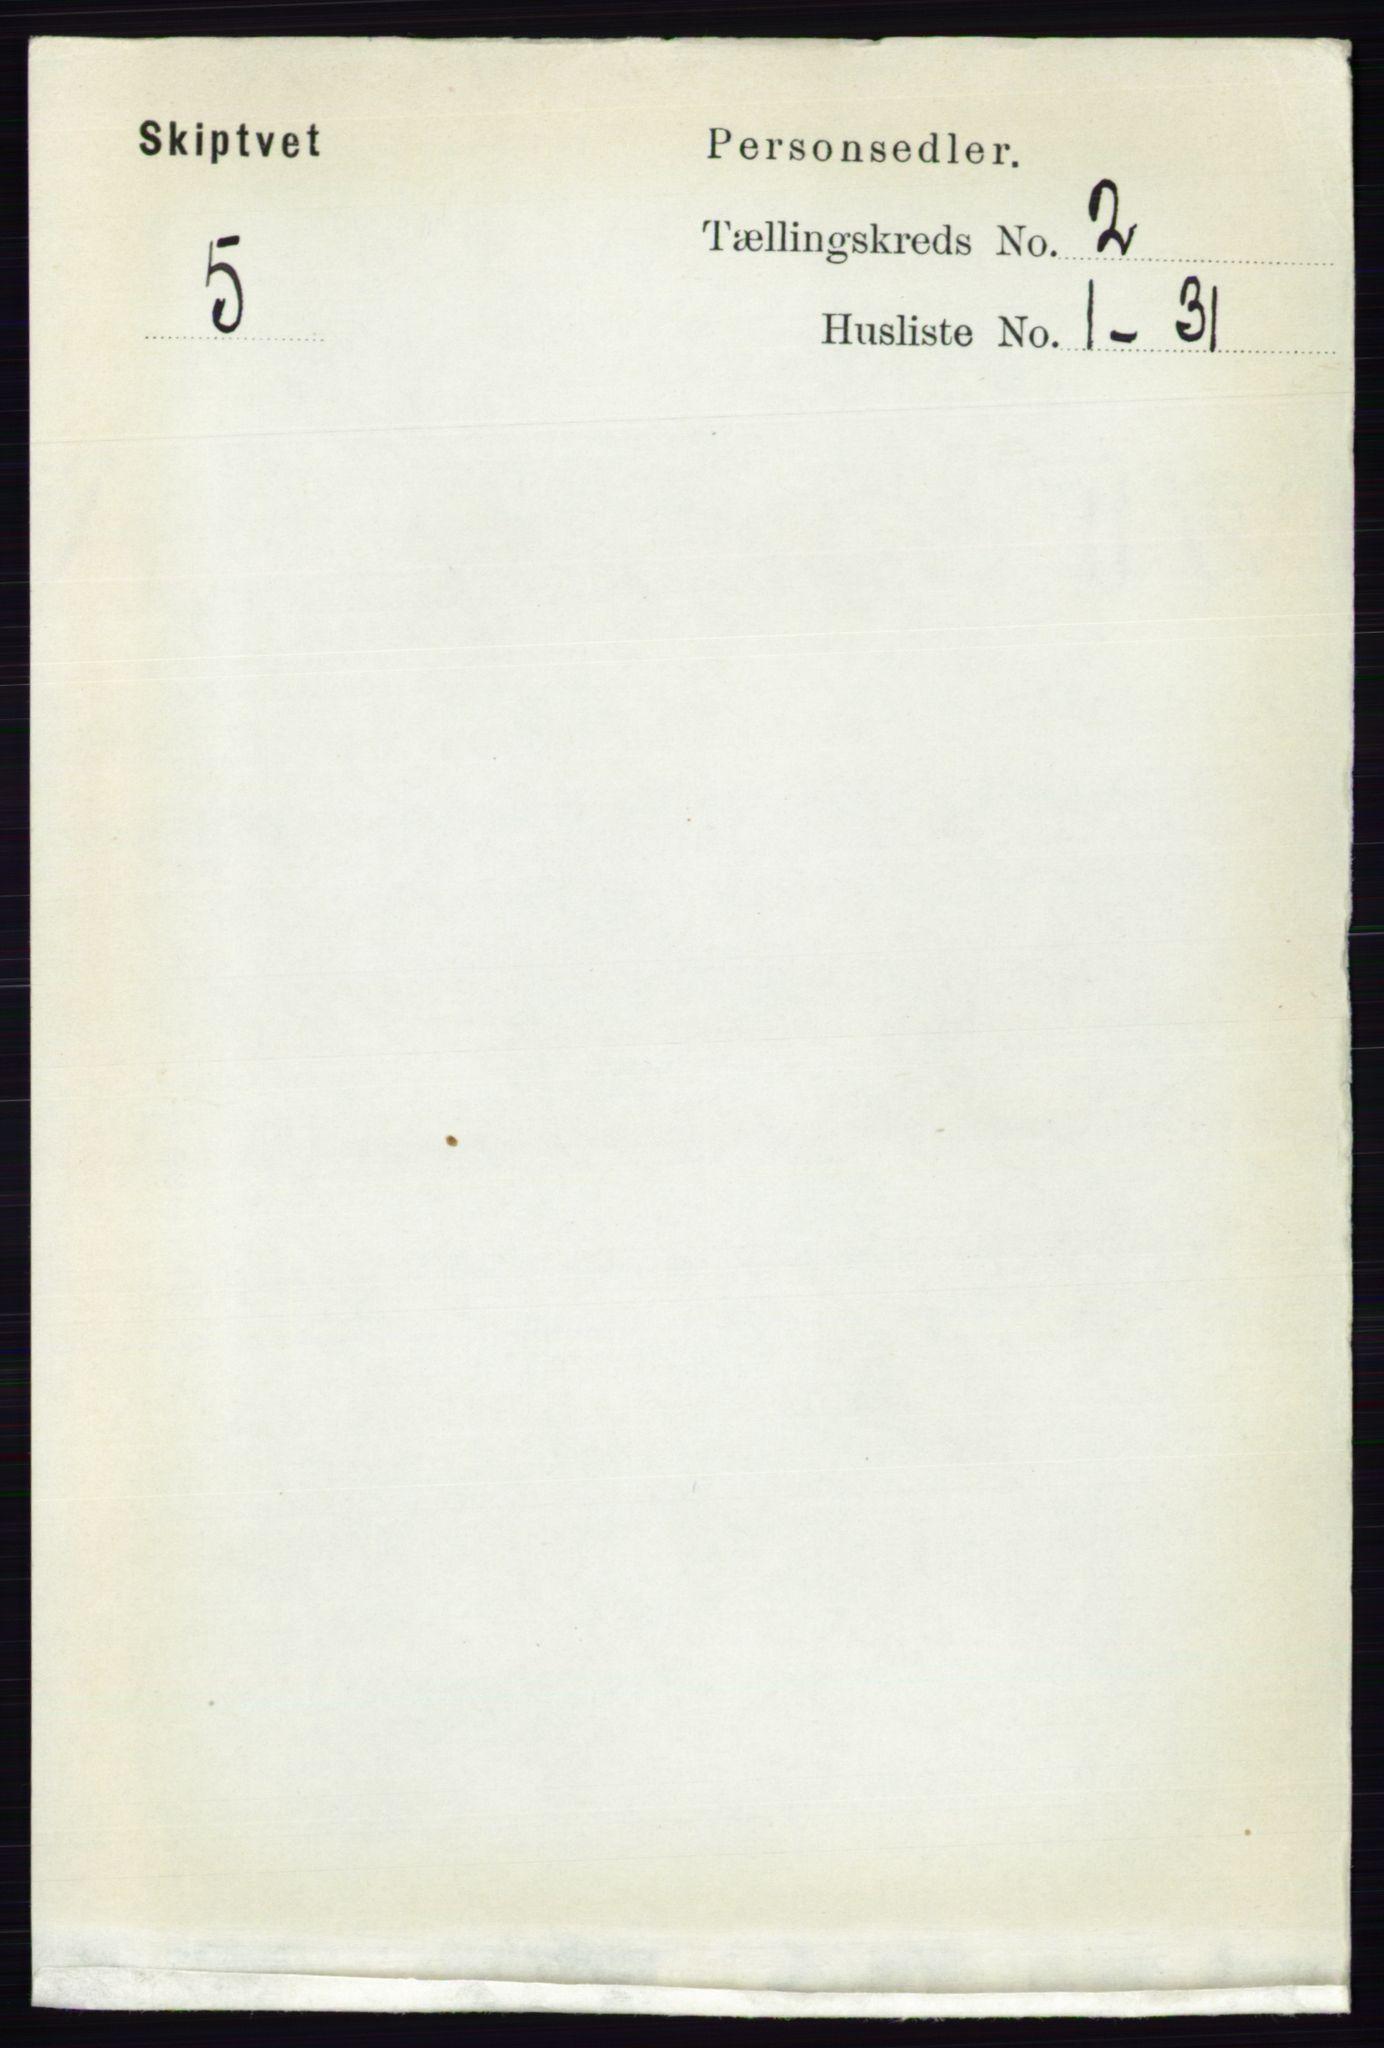 RA, Folketelling 1891 for 0127 Skiptvet herred, 1891, s. 571